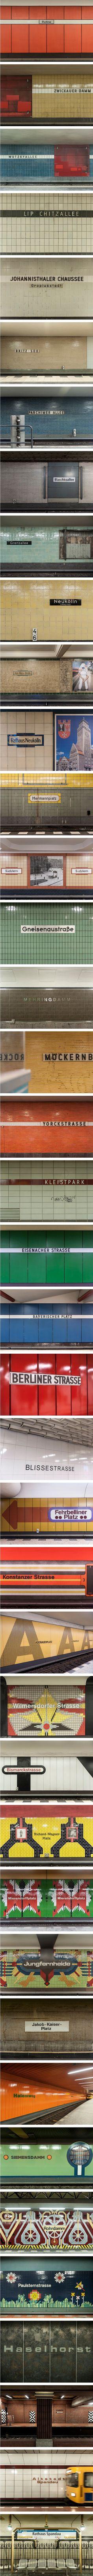 ღღ Meine Linie !  ~~~ U7 station names from Rudow to Rathaus Spandau, by Kate Seabrook. (Photo by Kate Seabrook. All Rights Reserved).